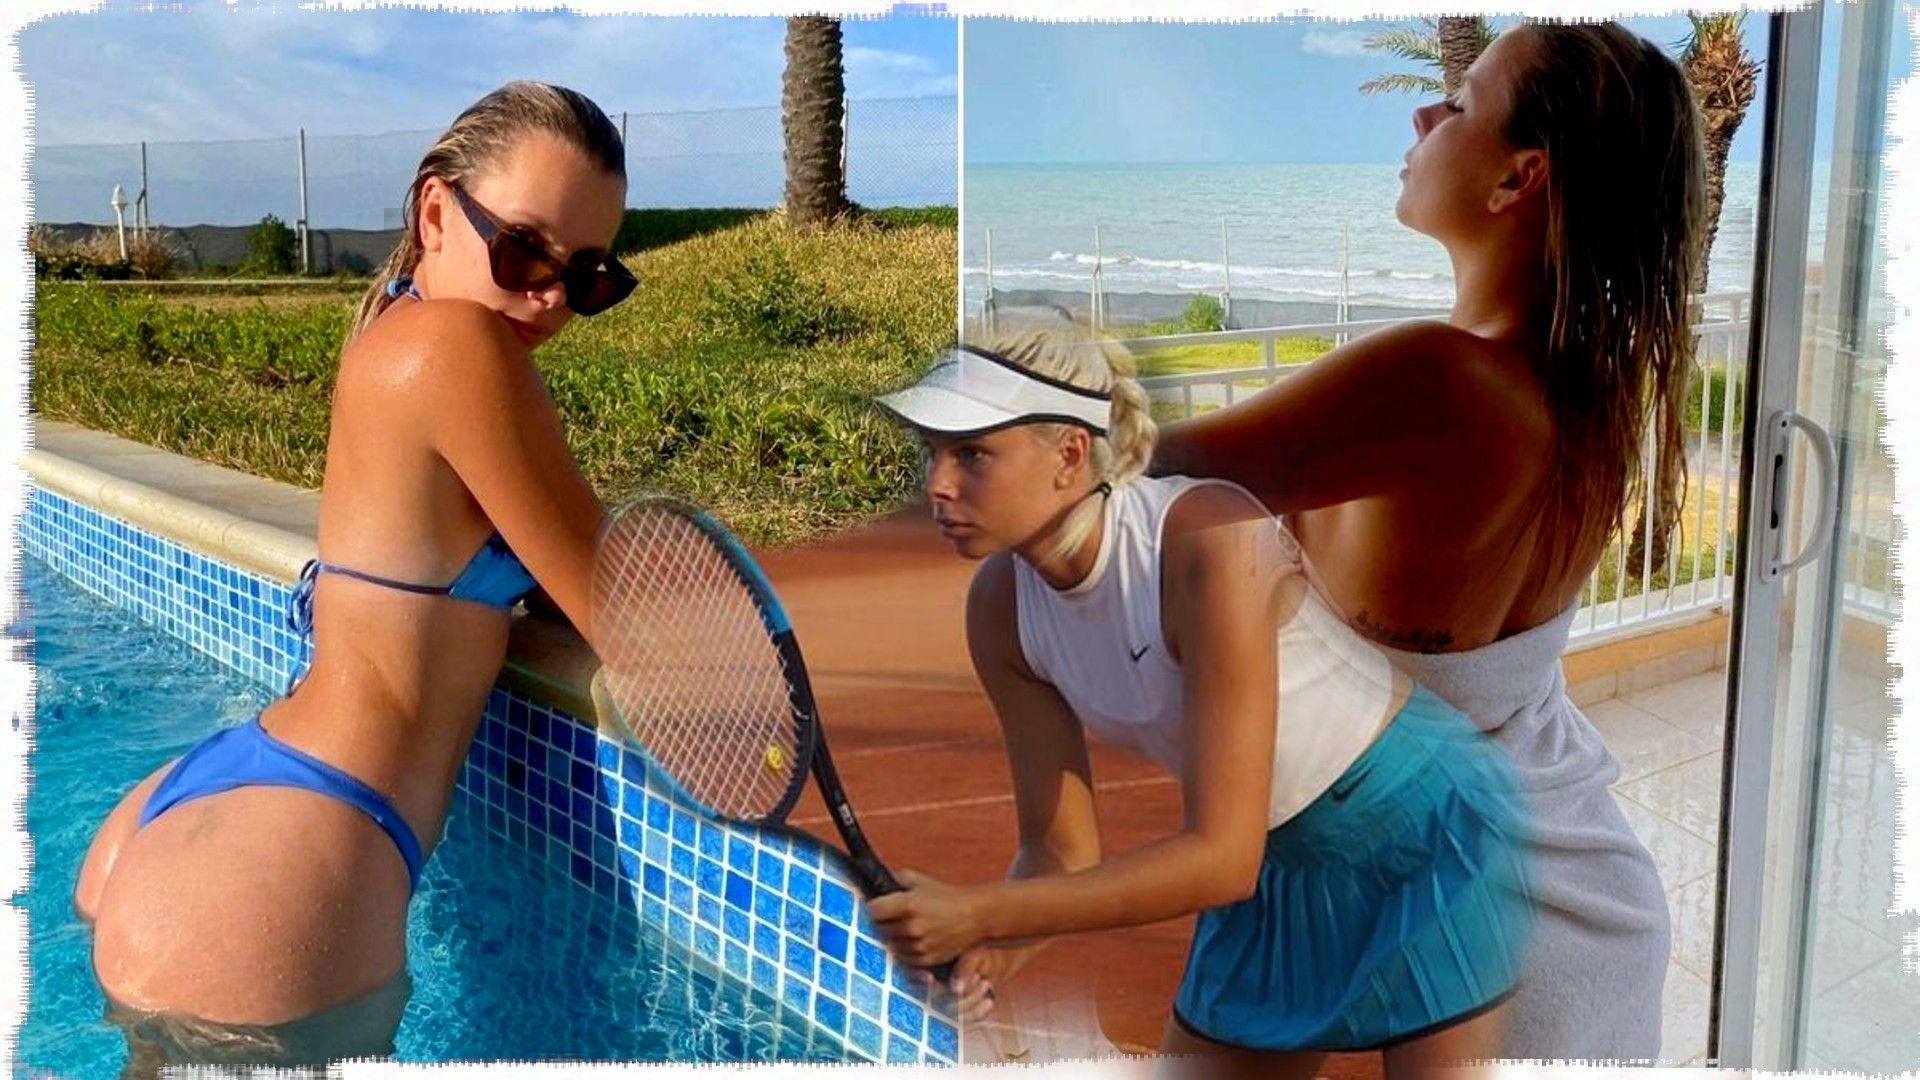 Австралийска тенисистка стана хит в платен сайт с еротични снимки и видеа от немотия